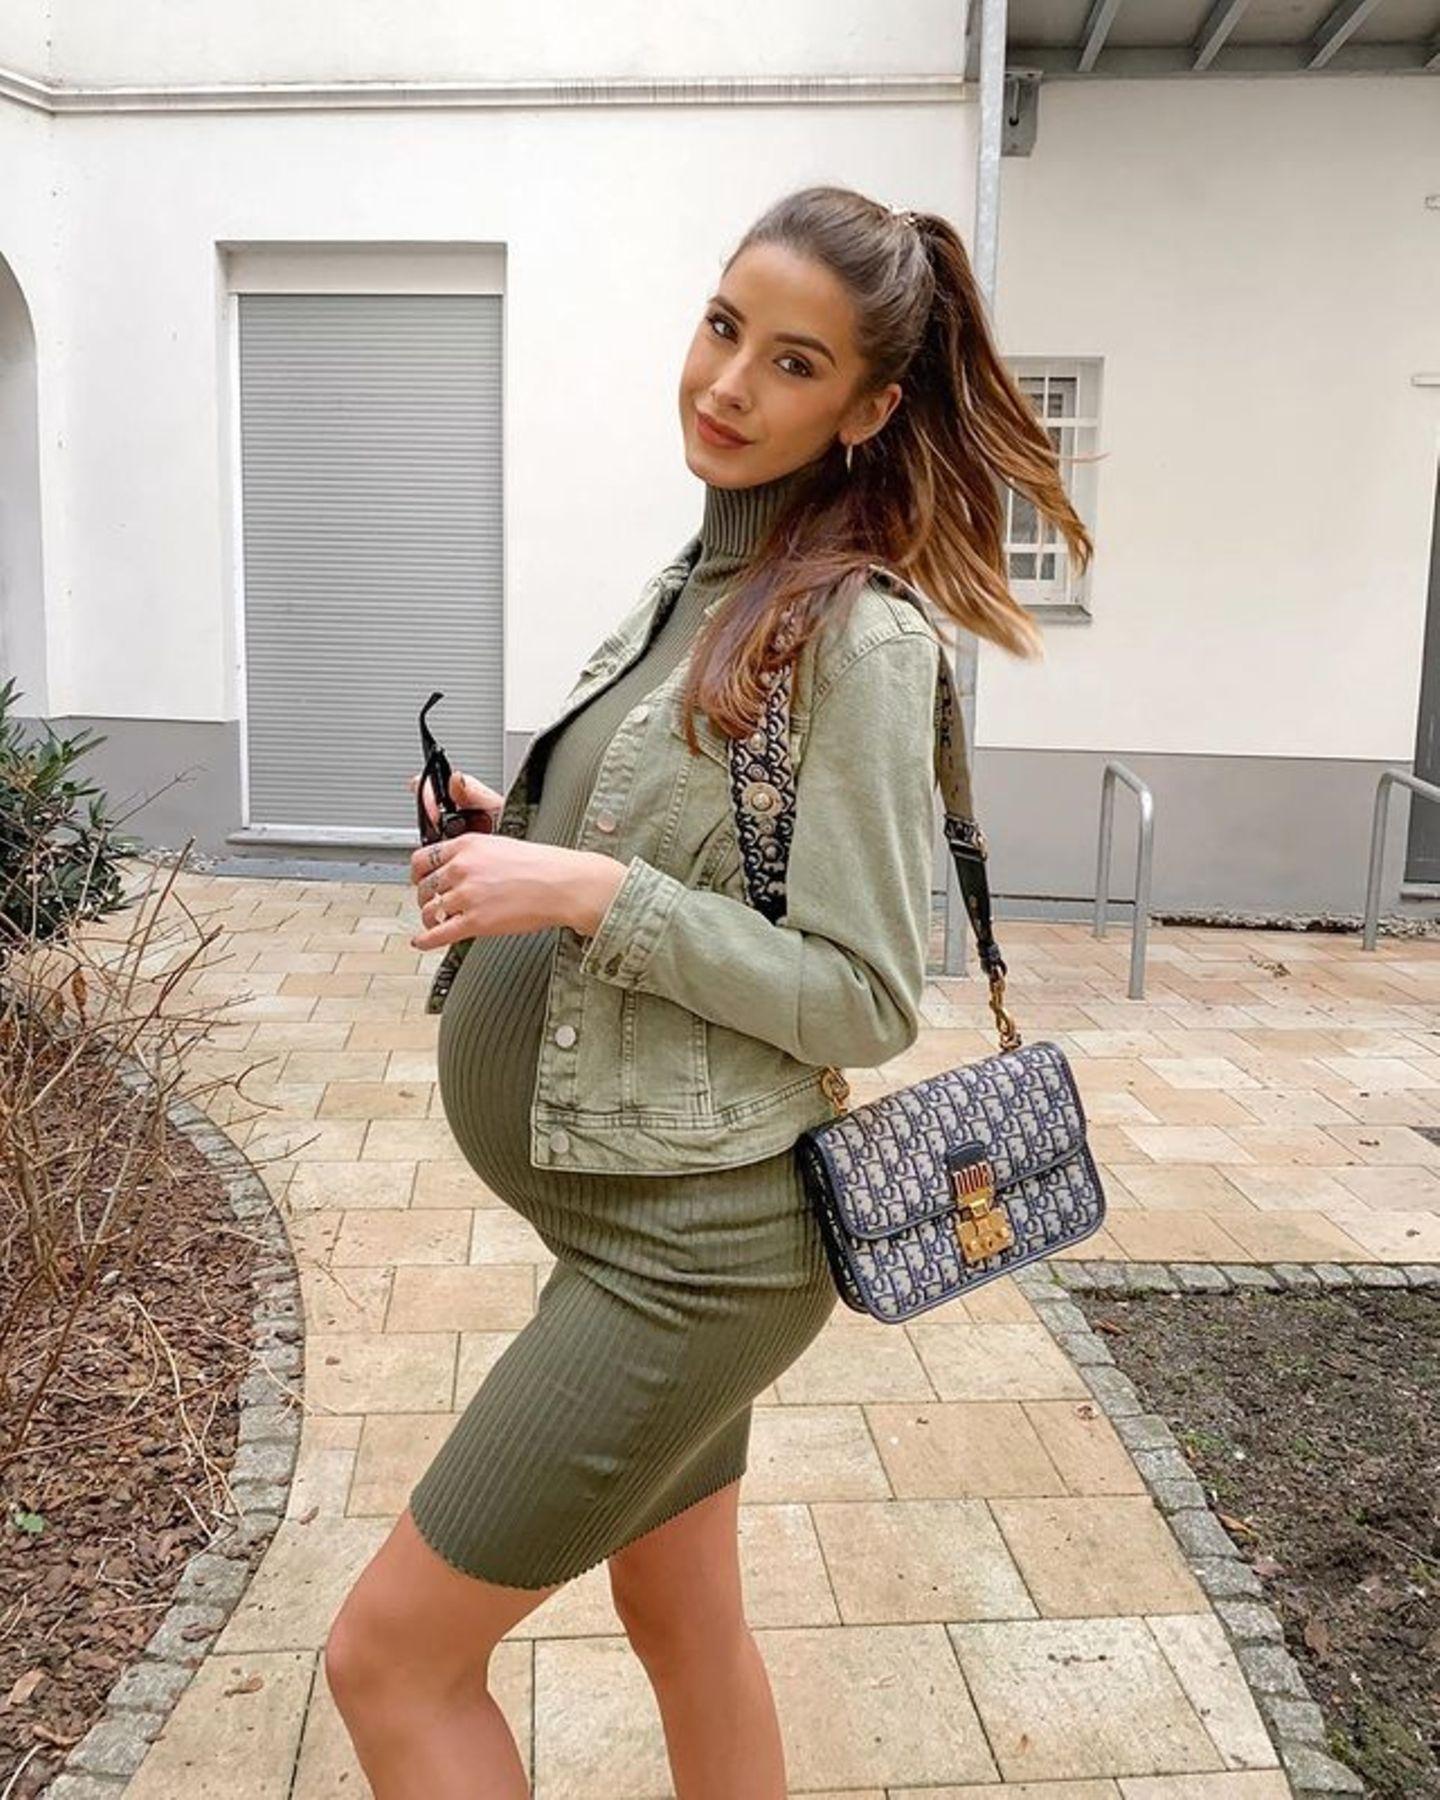 Kugelrund und in einem engen Schlauchkleid mit Rollkragen gehüllt – so hat sich Brenda Patea noch vor wenigen Wochen auf Instagram präsentiert. Mittlerweile ist das Model stolze Mutter einer Tochter. Klein-Mayla hält sie ab jetzt ganz schön auf Trab.